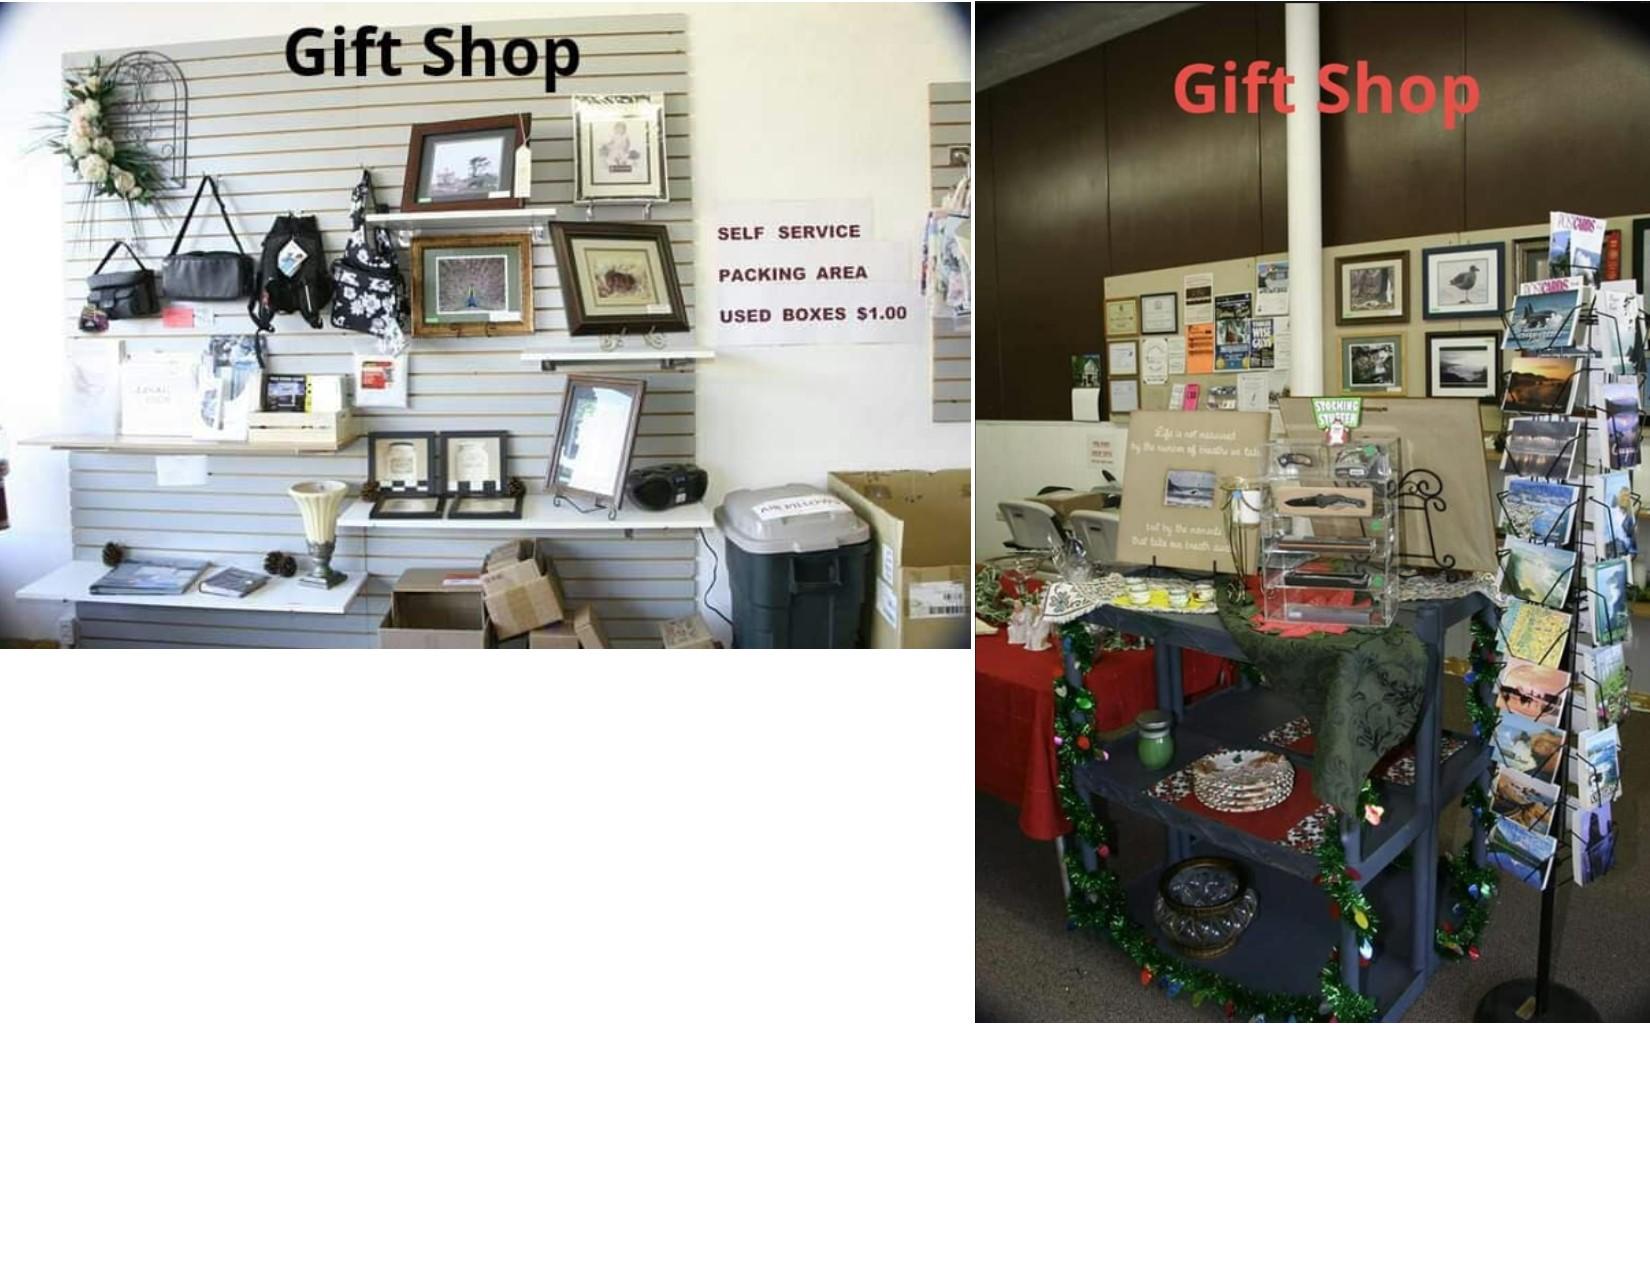 Village Mail Express Gift Shop.jpg